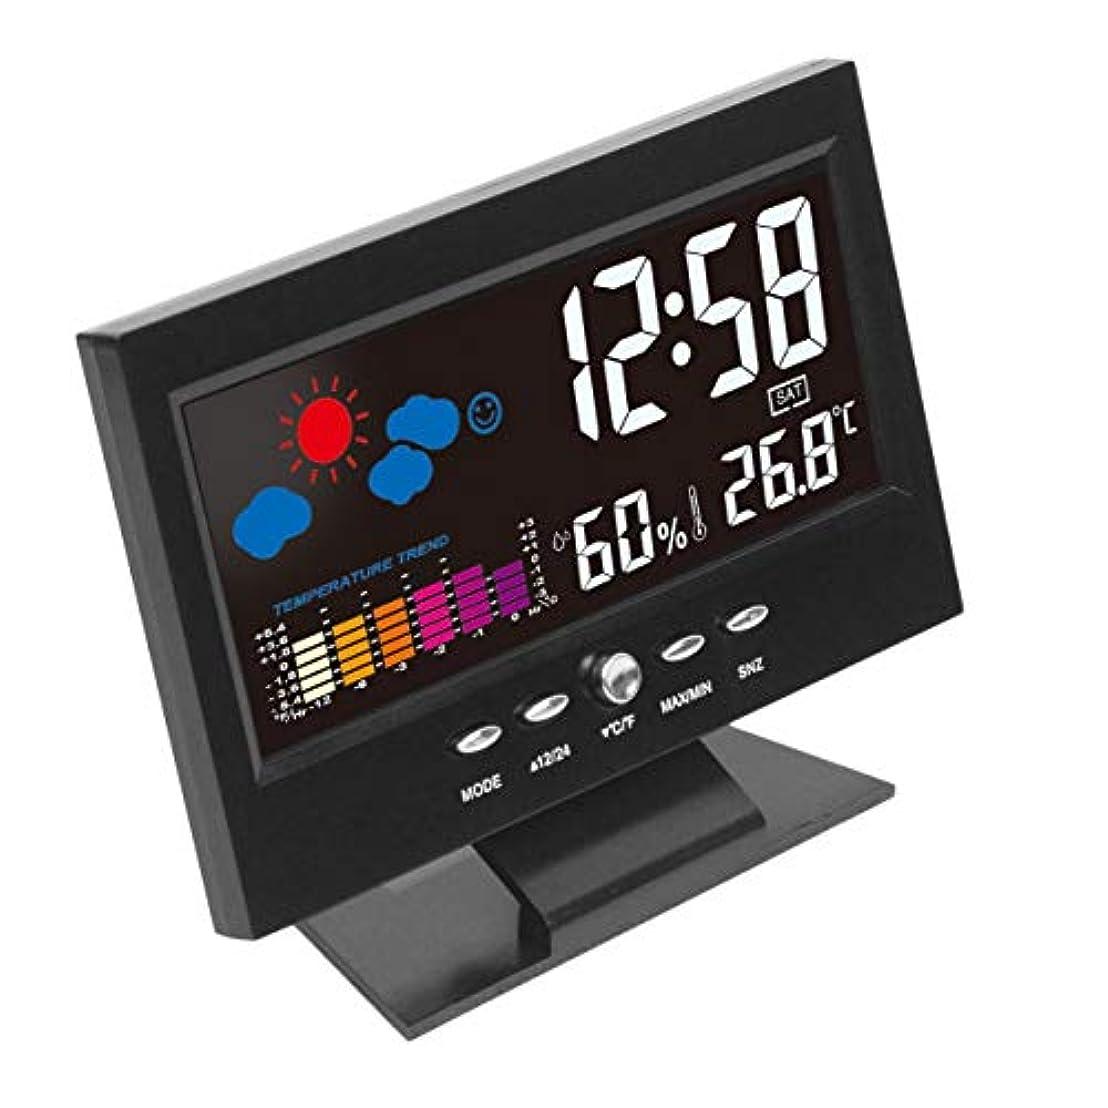 ランク法律により太鼓腹Saikogoods 電子デジタルLCD 温度湿度モニター時計 温度計湿度計 屋内ホーム 天気予報時??計 ブラック